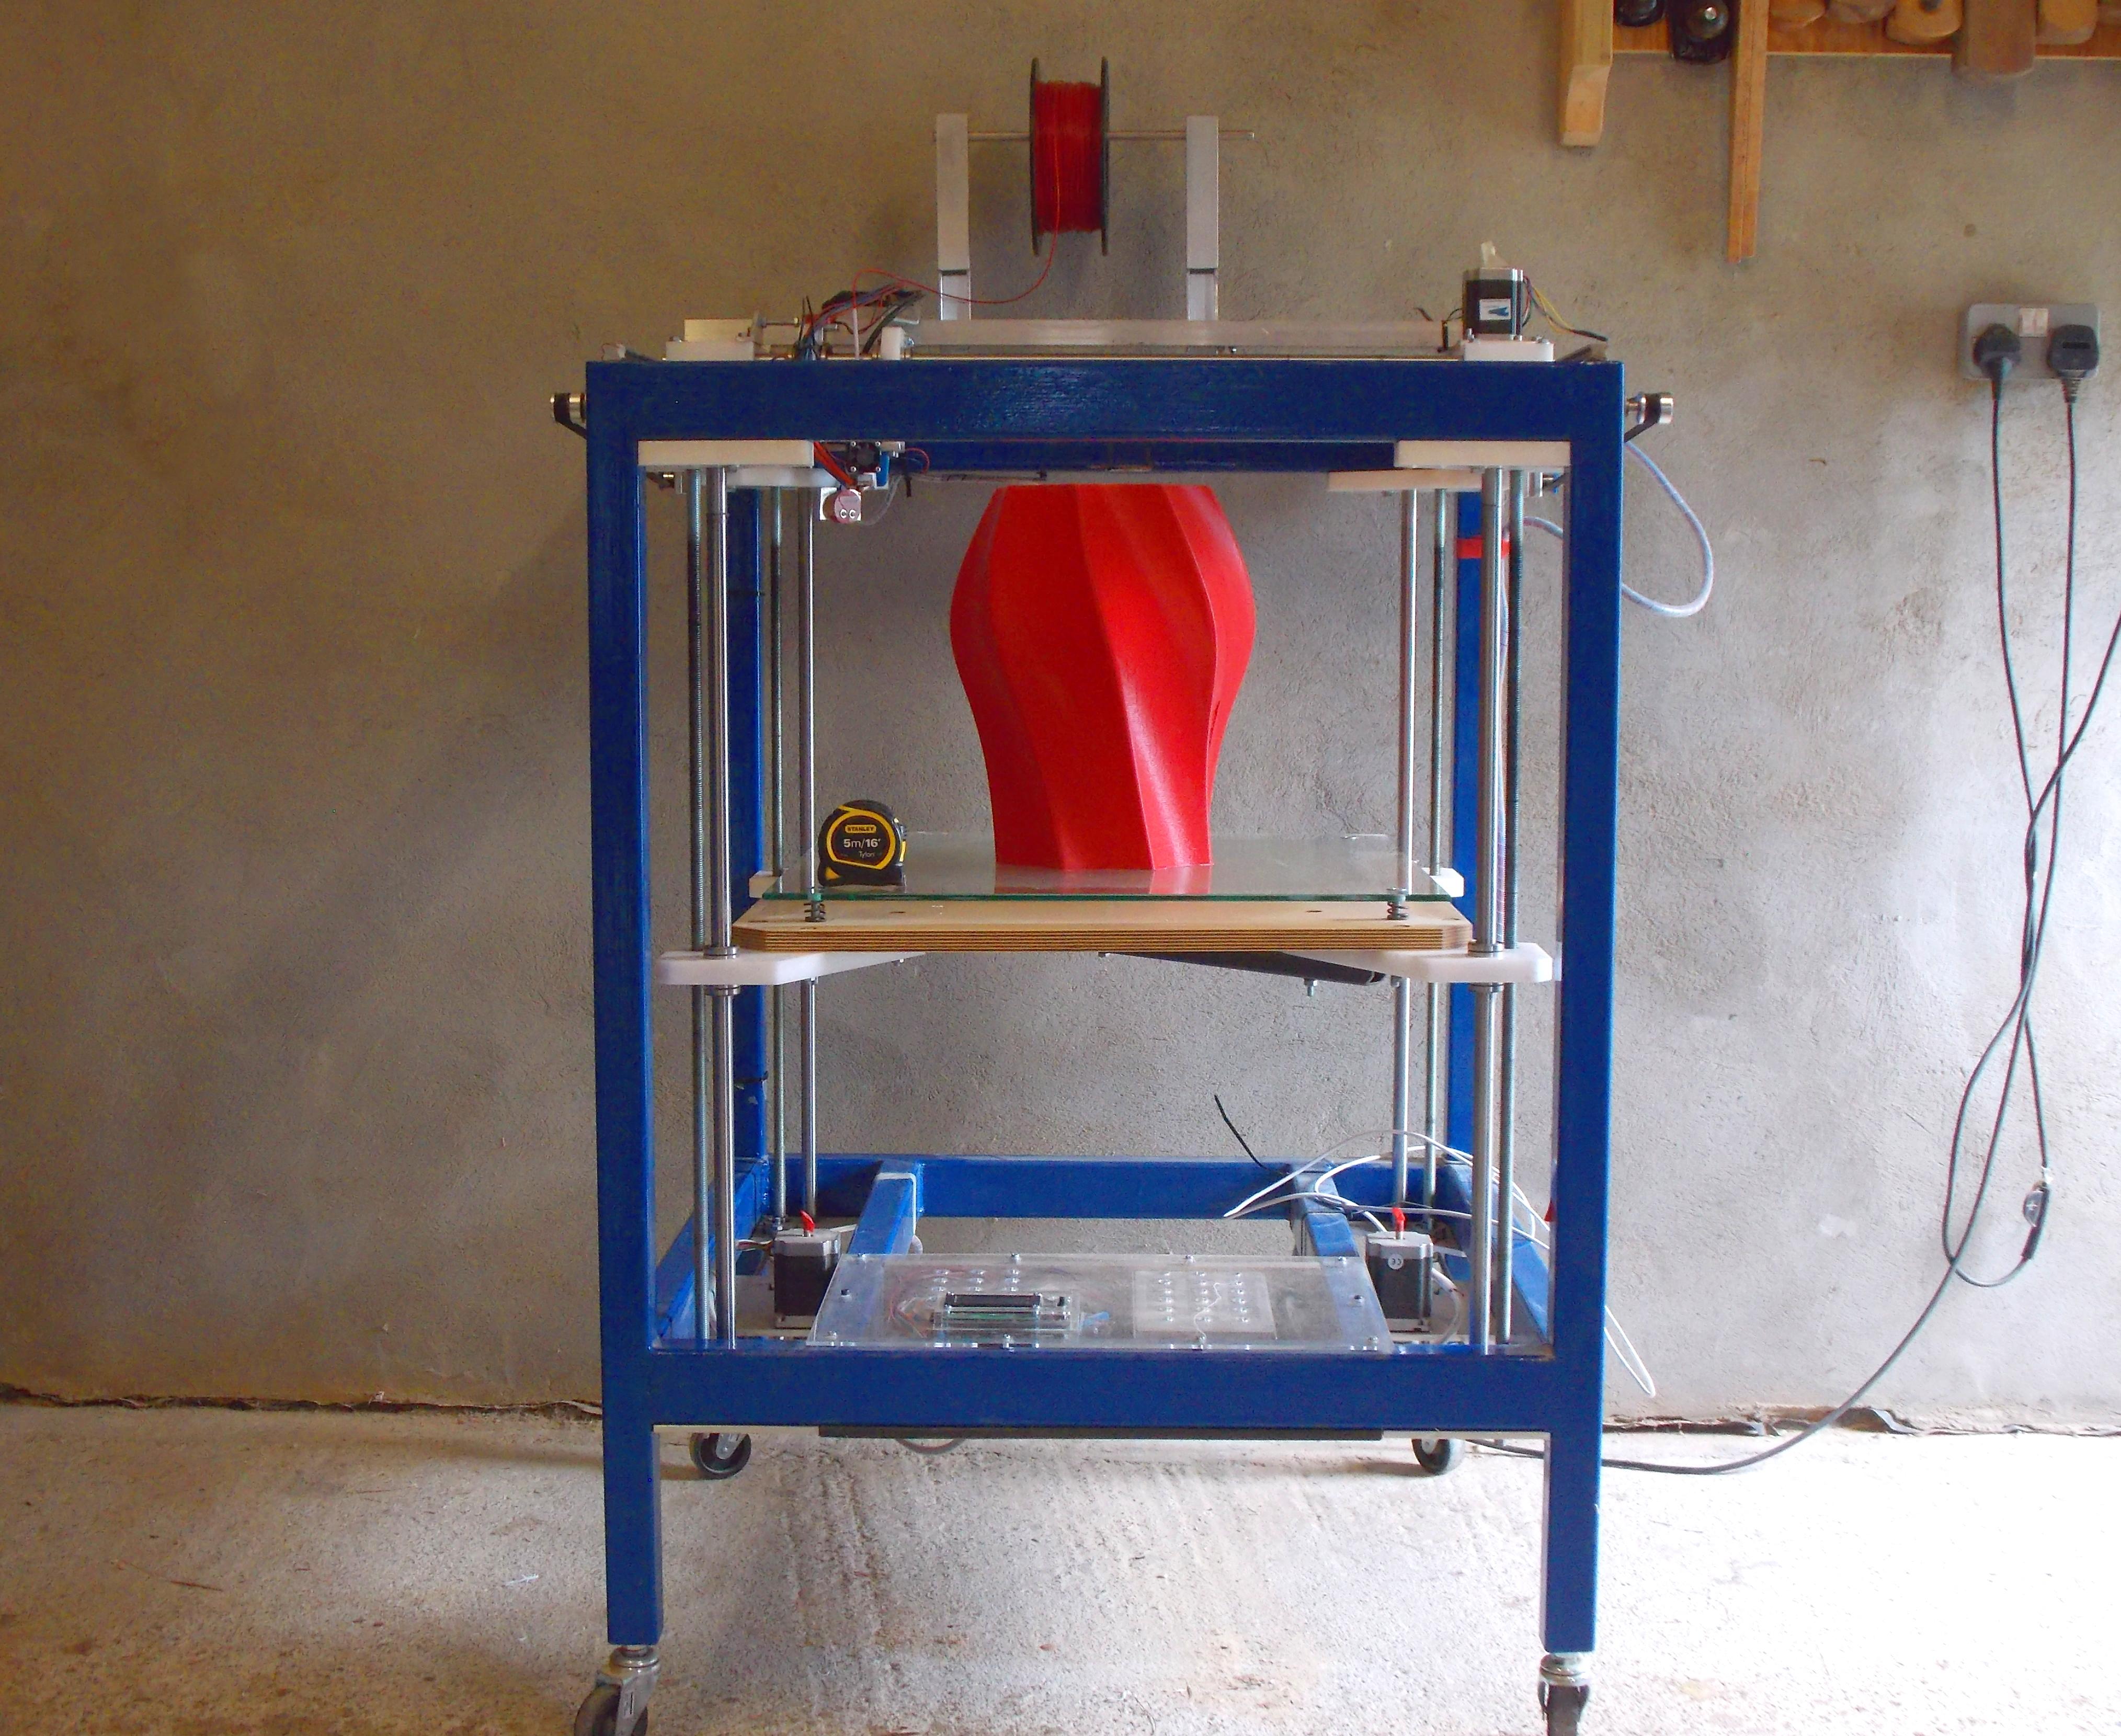 Large capacity 3D printer